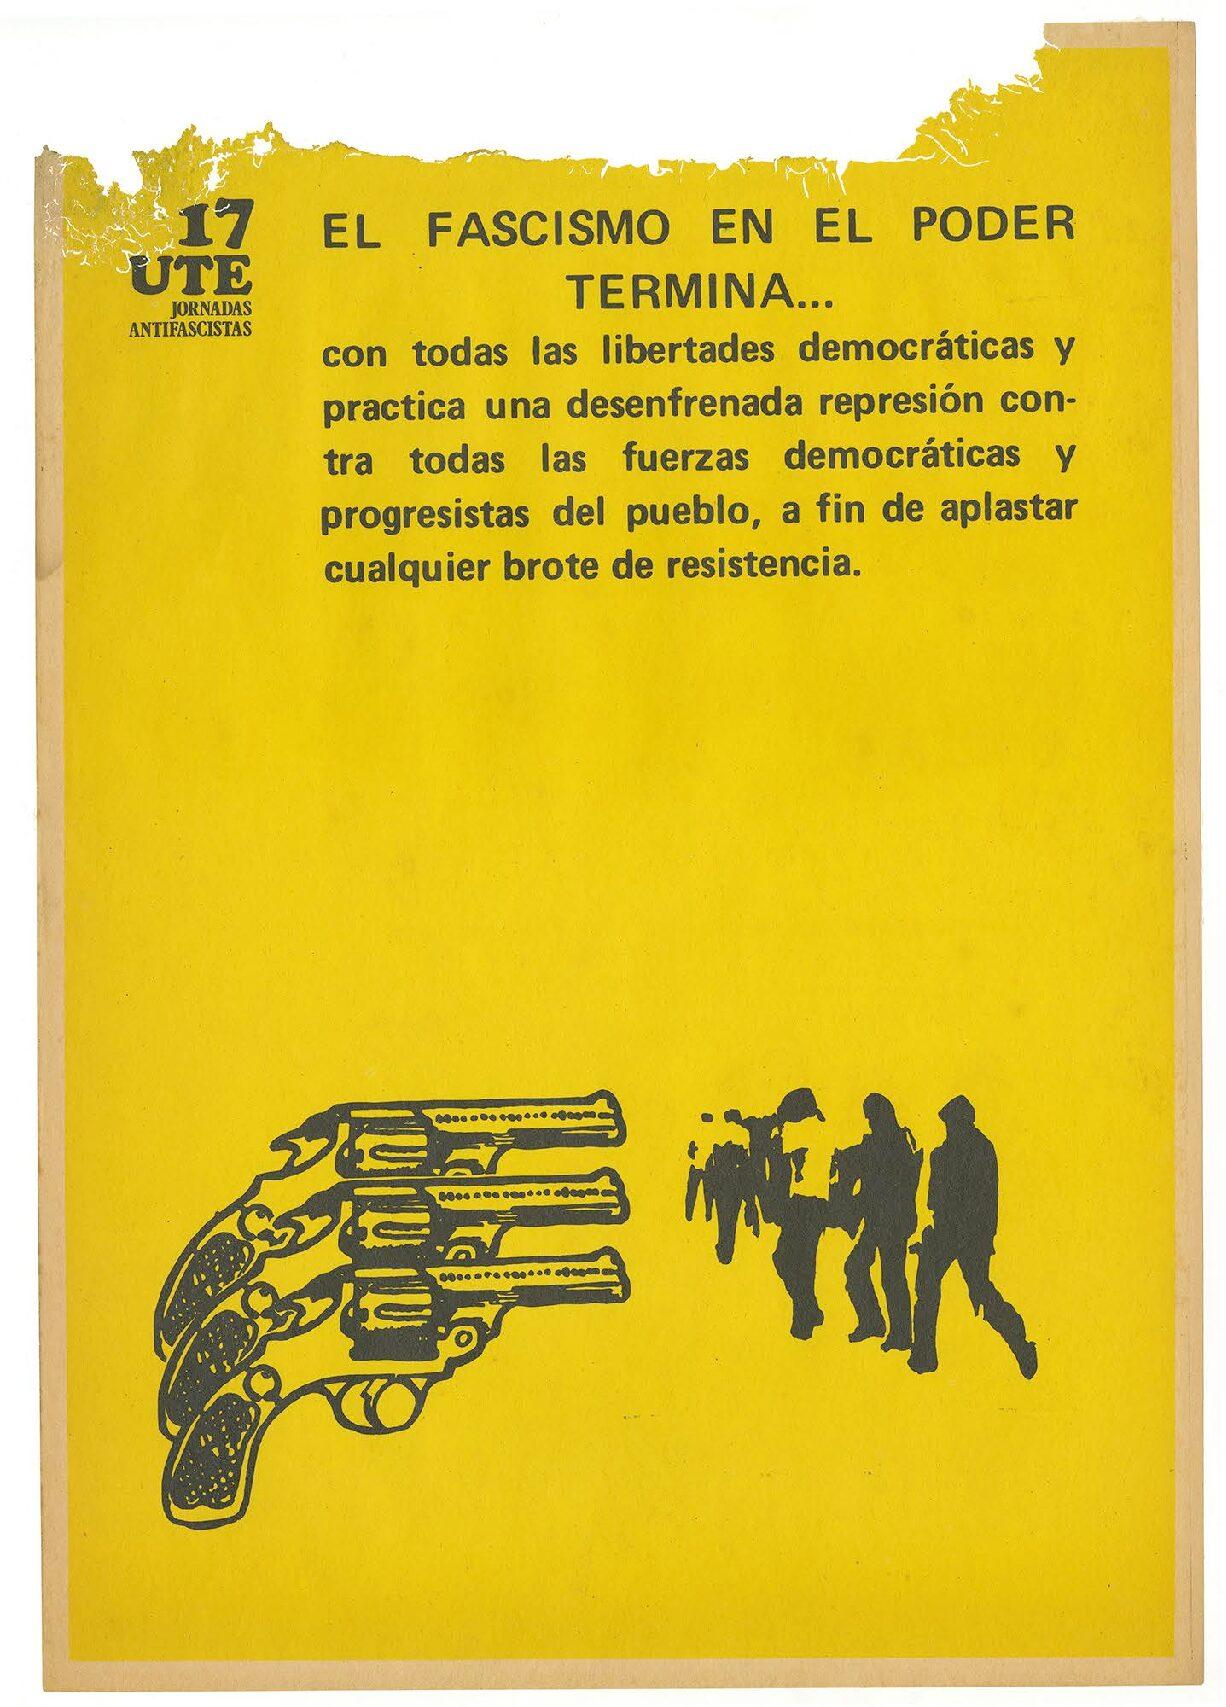 UTE-MN-DIG-0087